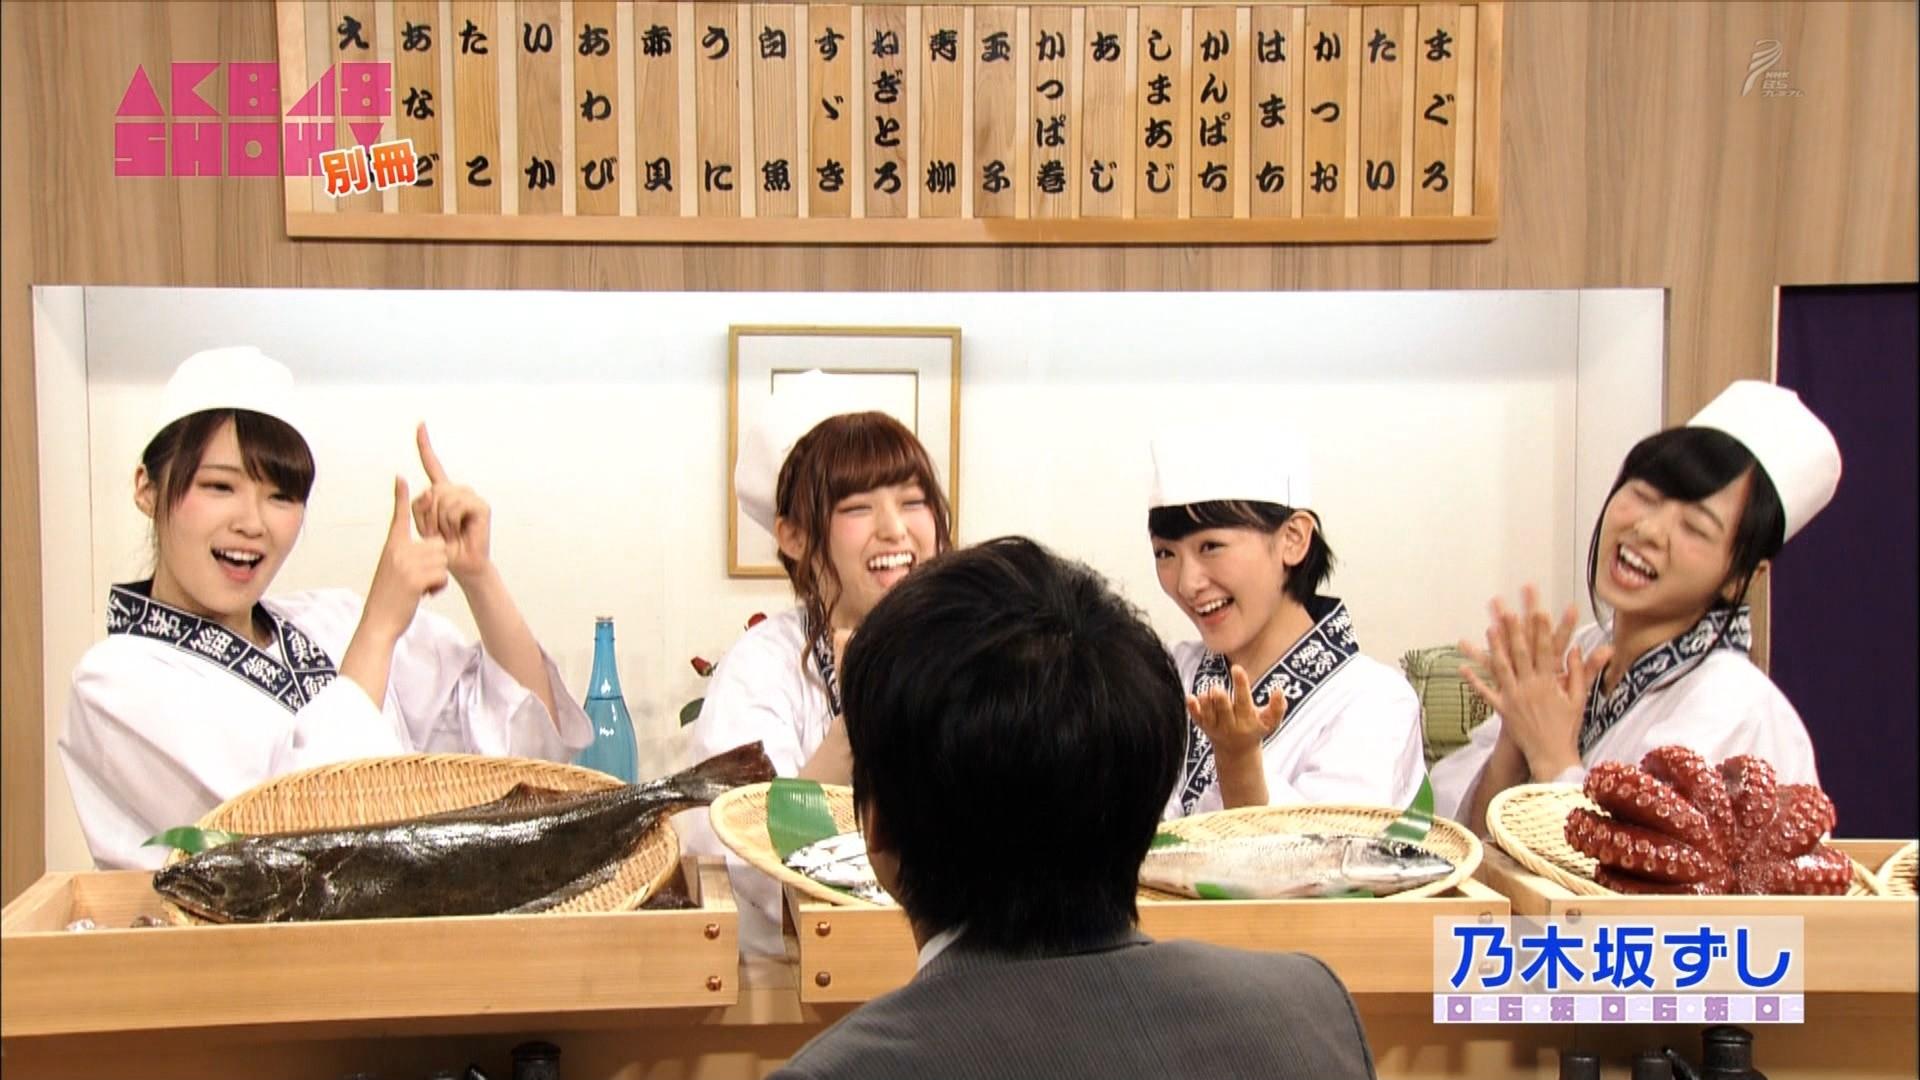 【エンタメ画像】《乃木坂46》乃木坂ちゃんが『寿司屋』を開業した時にありがちなこと